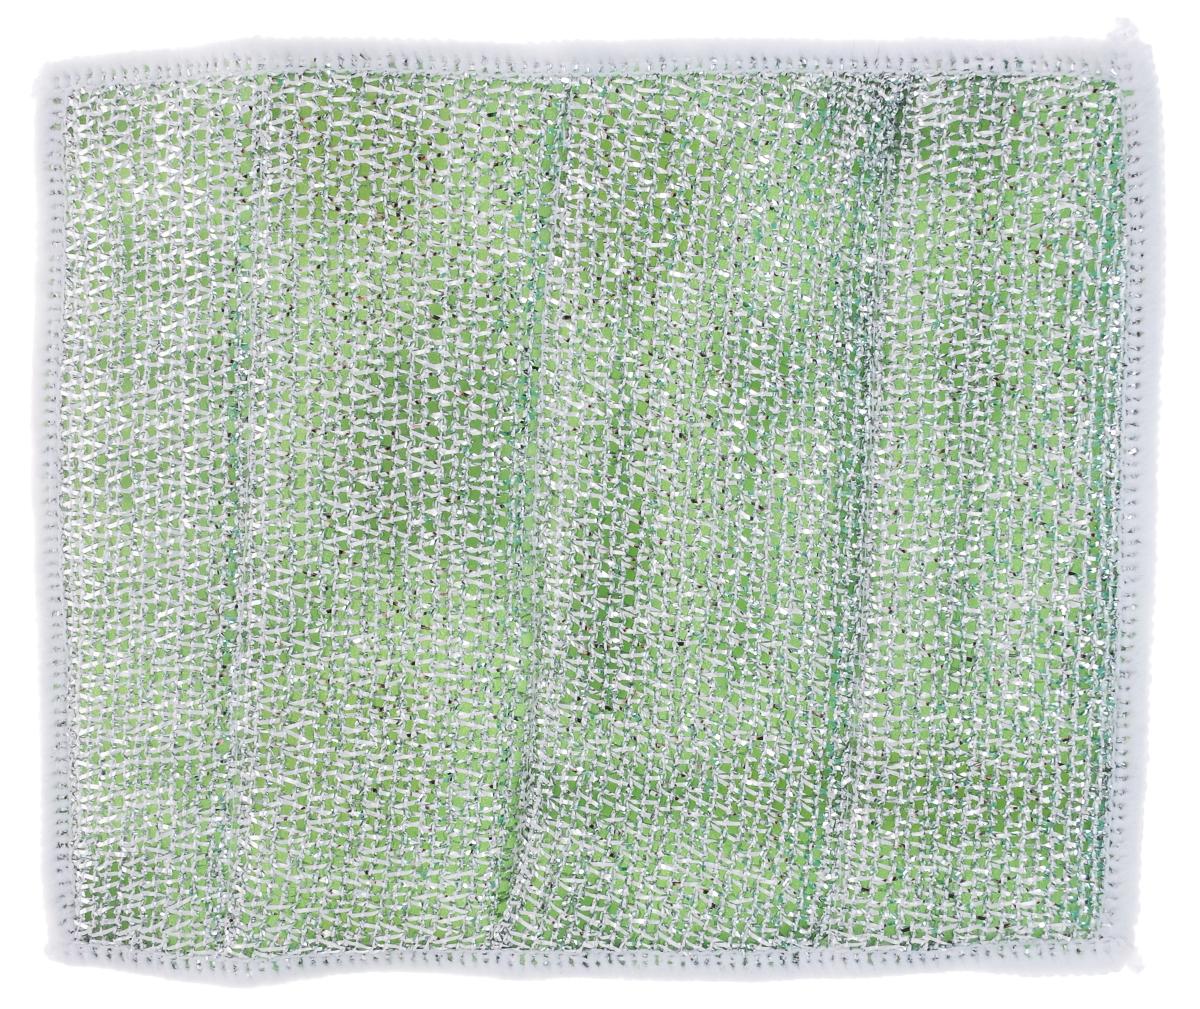 Салфетка для стеклокерамических плит Хозяюшка Мила, цвет: серебристый, зеленый, белый, 21 х 17 смVCA-00Салфетка для стеклокерамических плит Хозяюшка Мила станет незаменимым помощником на кухне. Жесткая сторона из фольгированного материала предназначена для очистки сильно загрязненных поверхностей. Мягкая сторона из микрофибры прекрасно впитывает влагу, удаляет грязь и пыль с деликатных поверхностей. Размер салфетки: 21 см х 17 см.